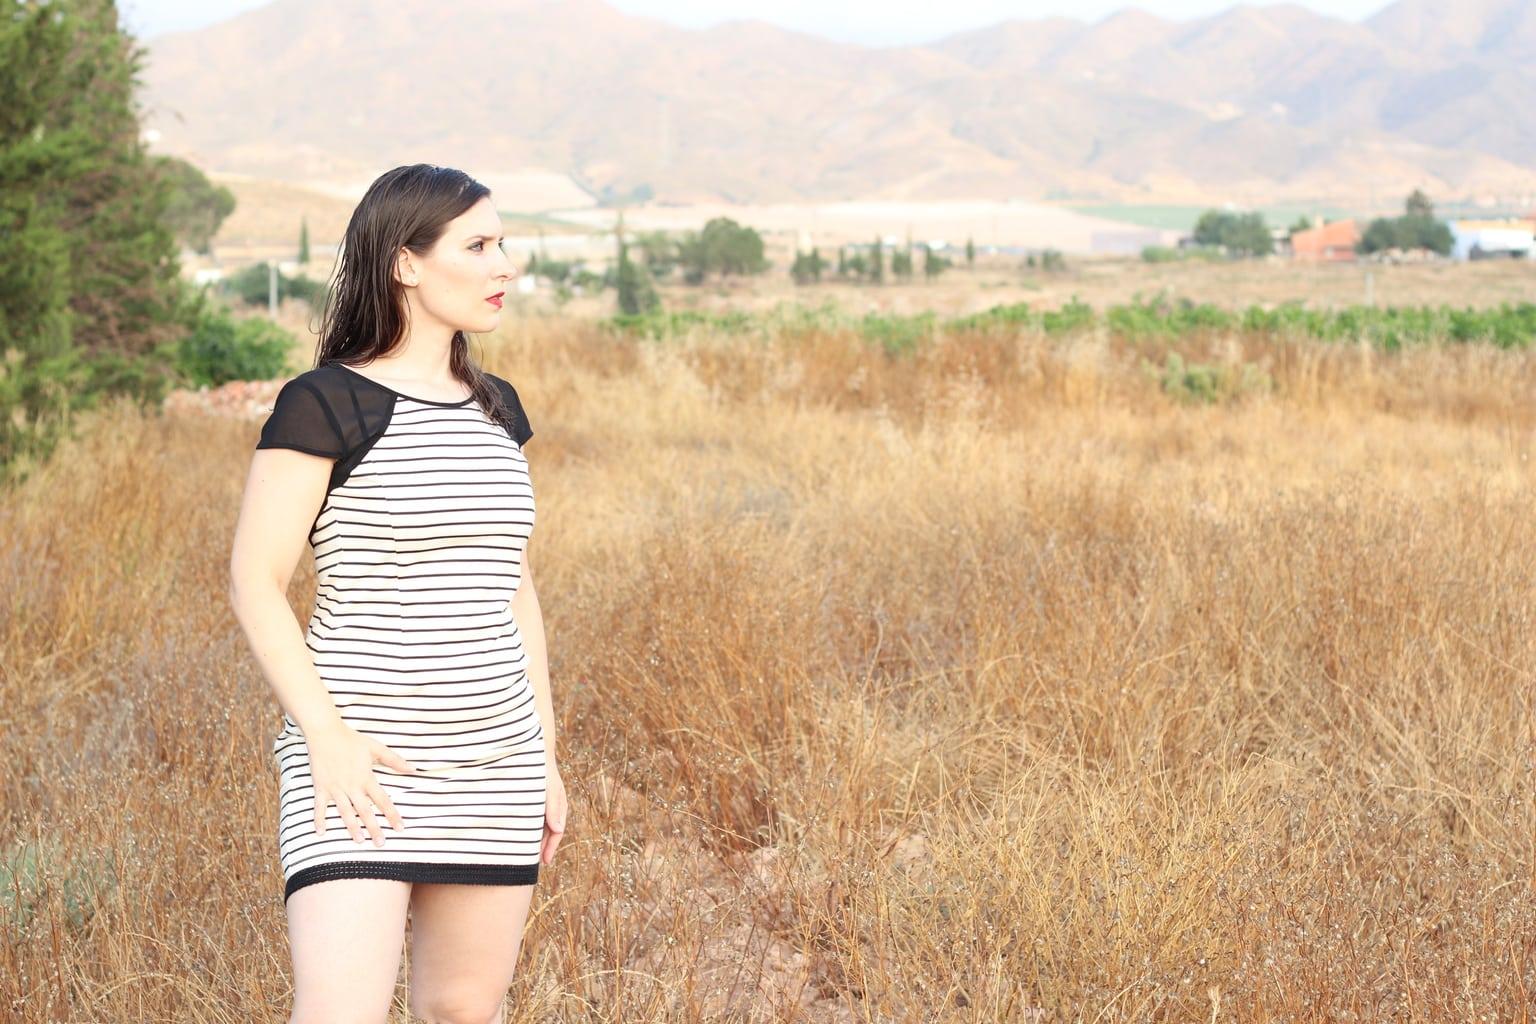 fotografía paisaje de una mujer en el campo